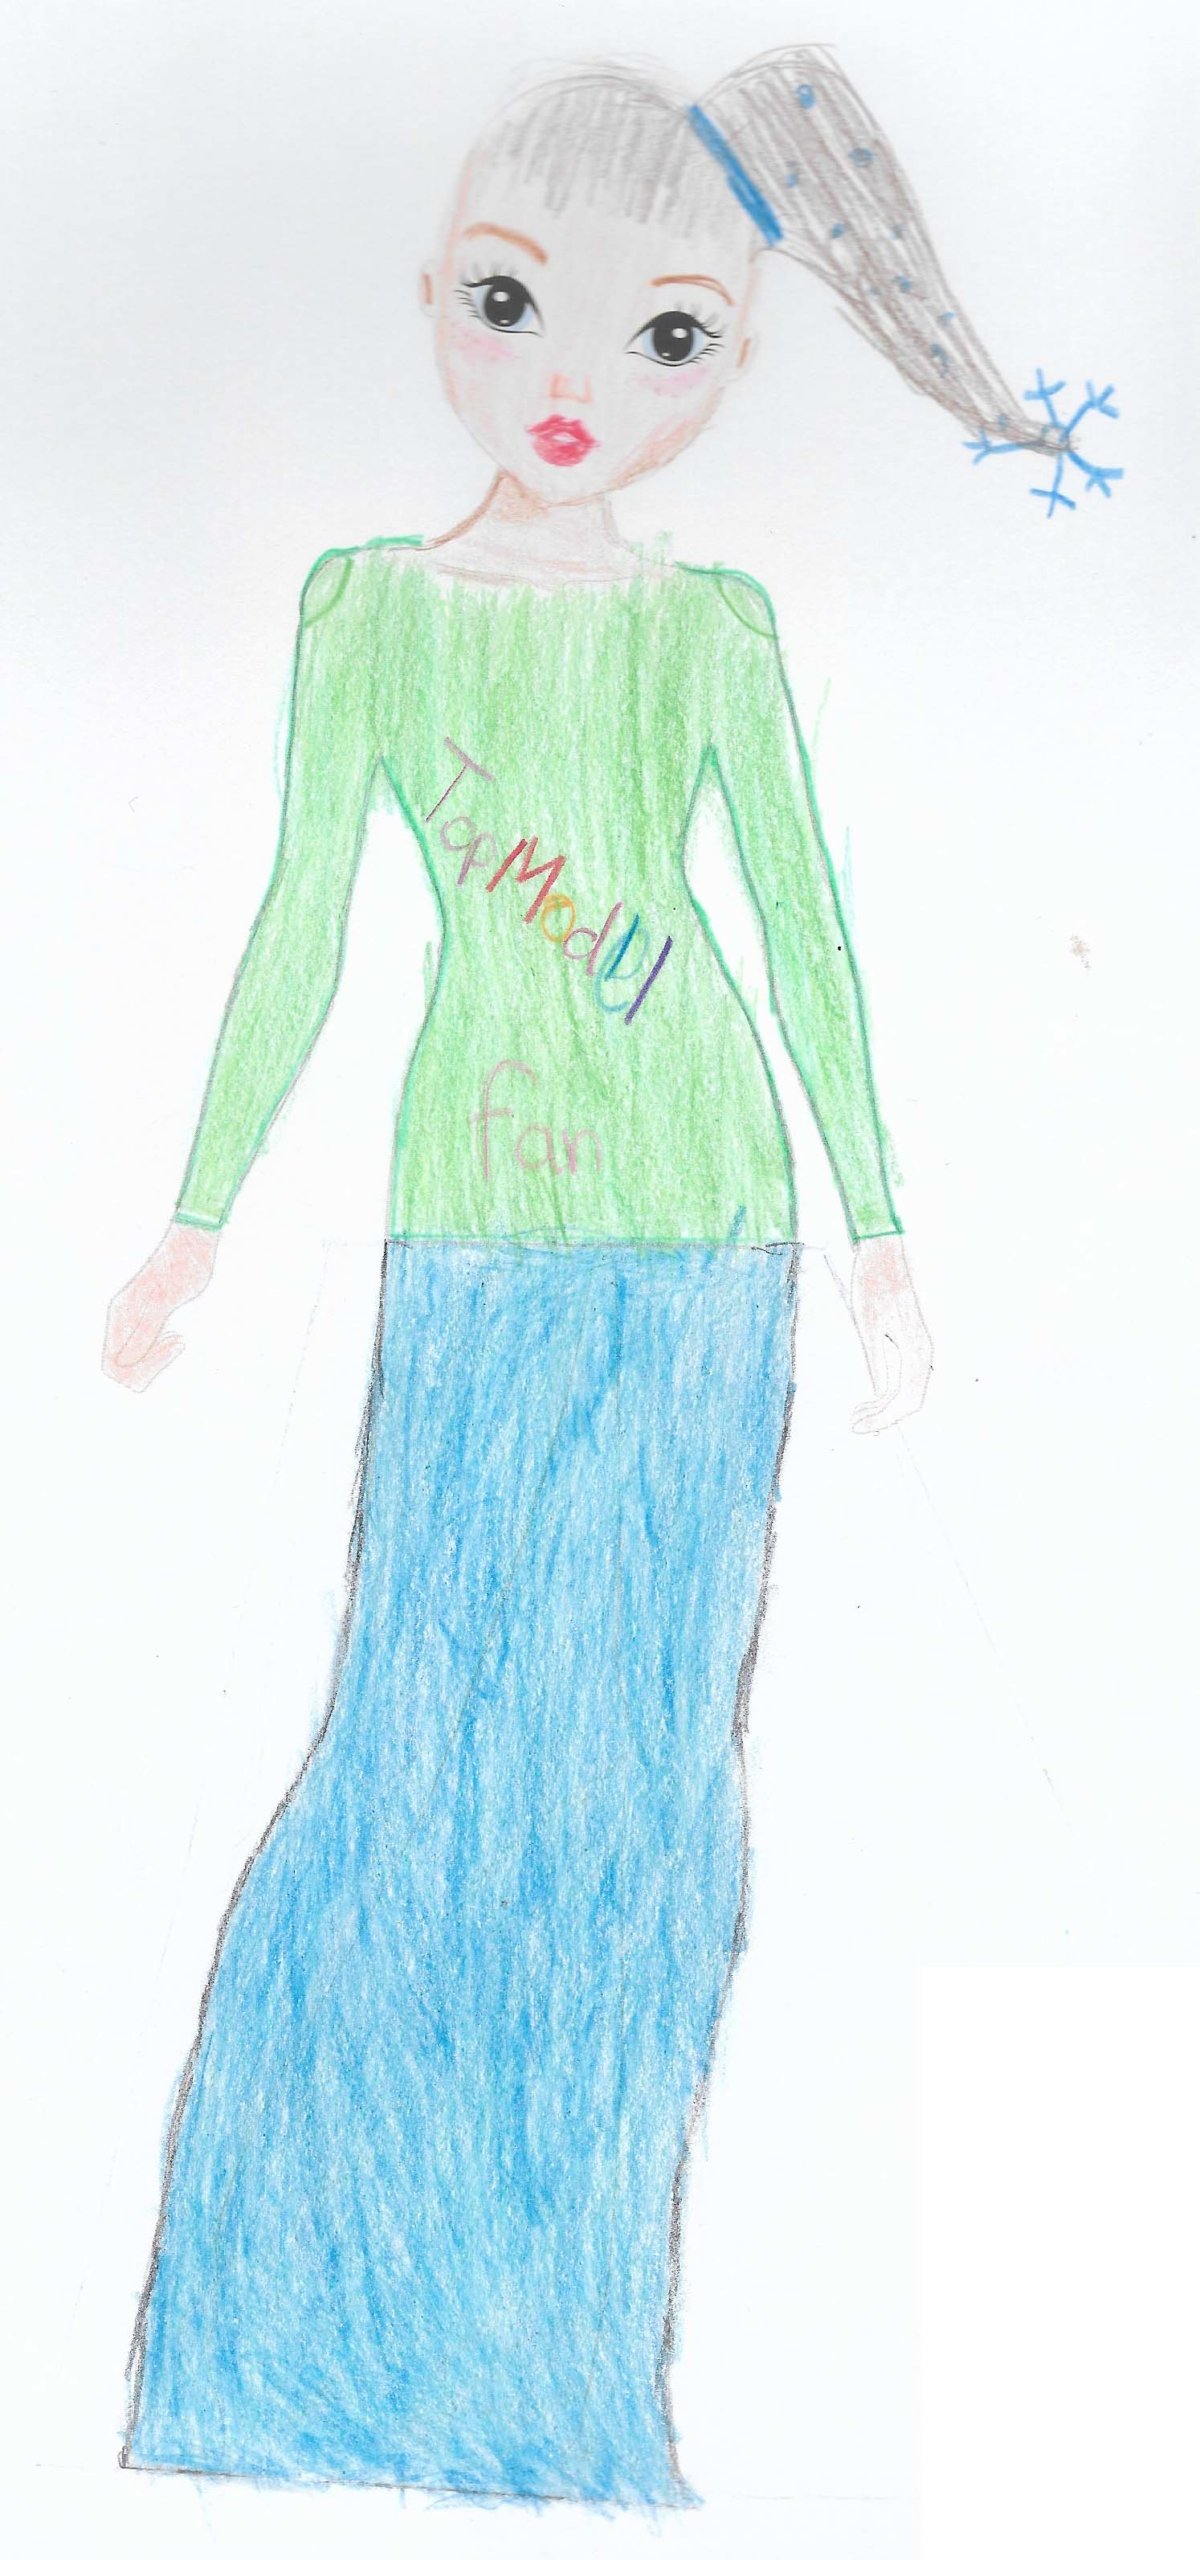 Kayla W., 10years, from Jakarta, Indonesia